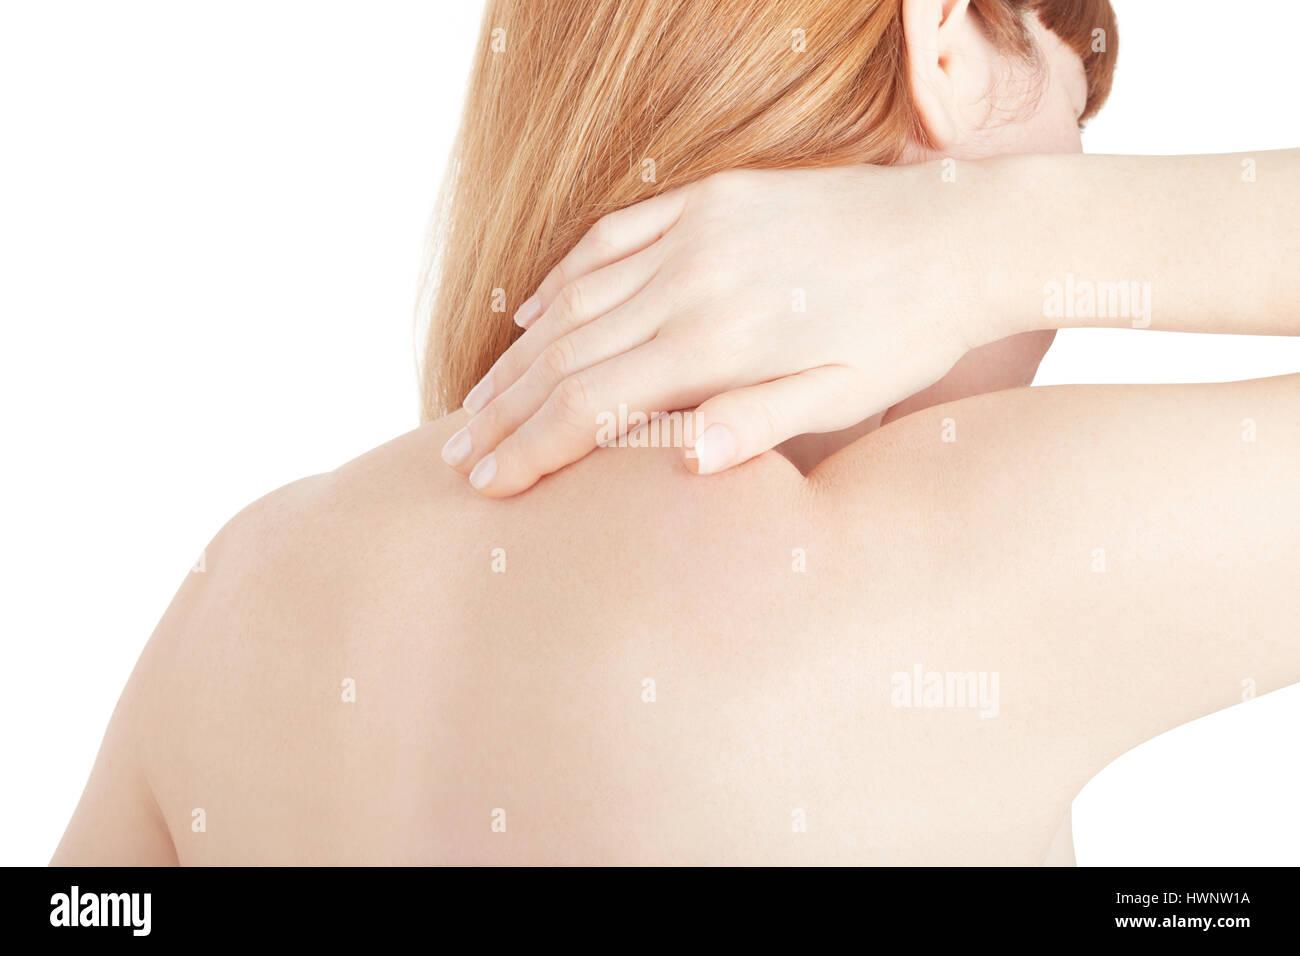 Junge Frau hält die Hand auf schmerzenden Nacken isoliert auf weiss, Schneidepfad Stockbild